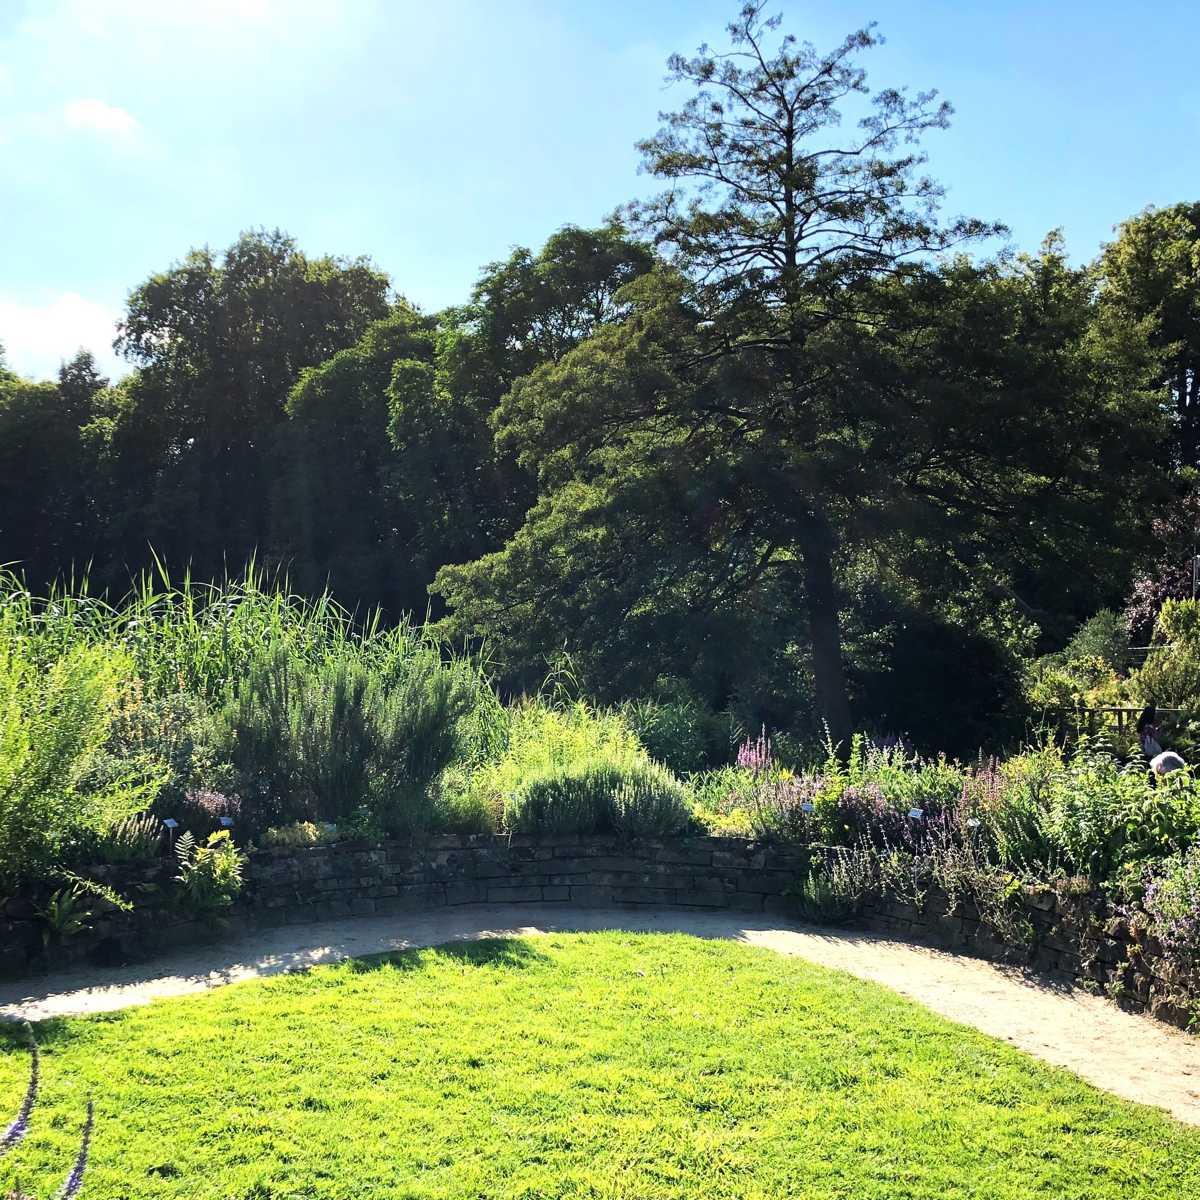 Gärten mit Gehölzen gestalten